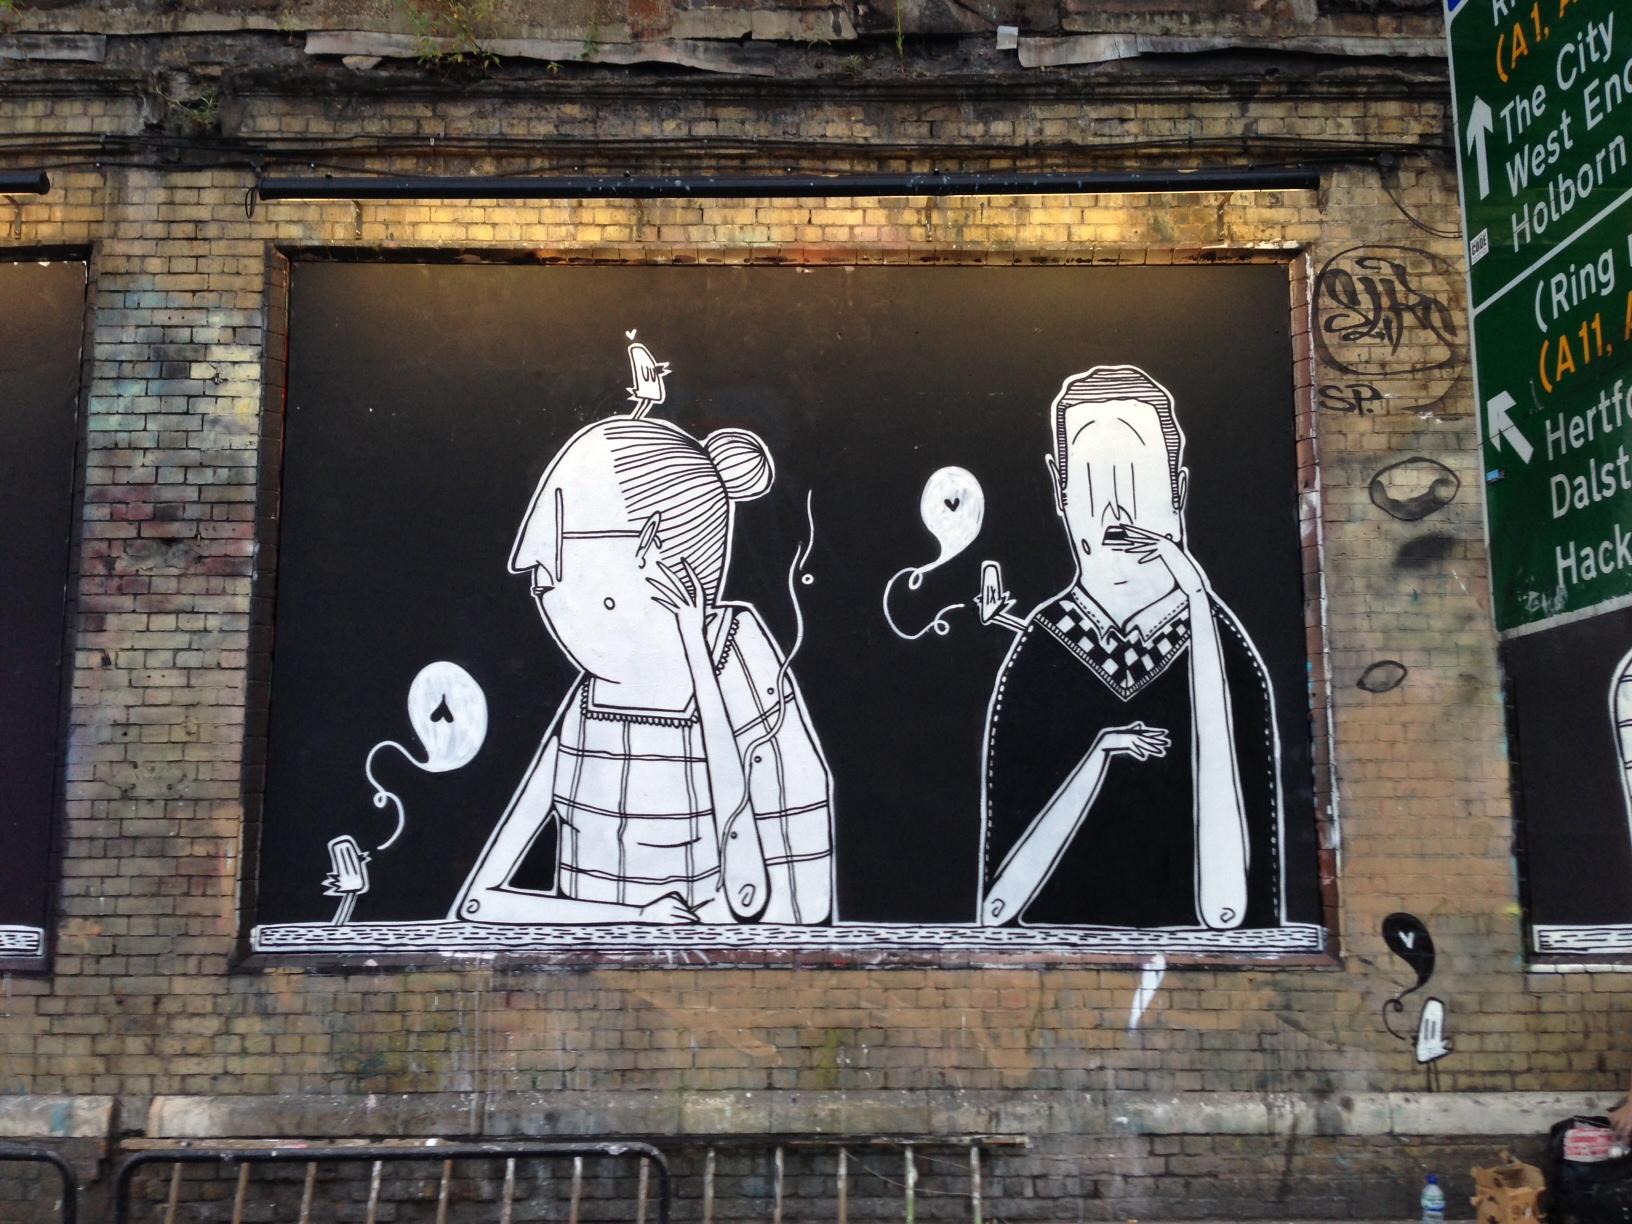 La street art romantica di Alex Senna | Collater.al 14